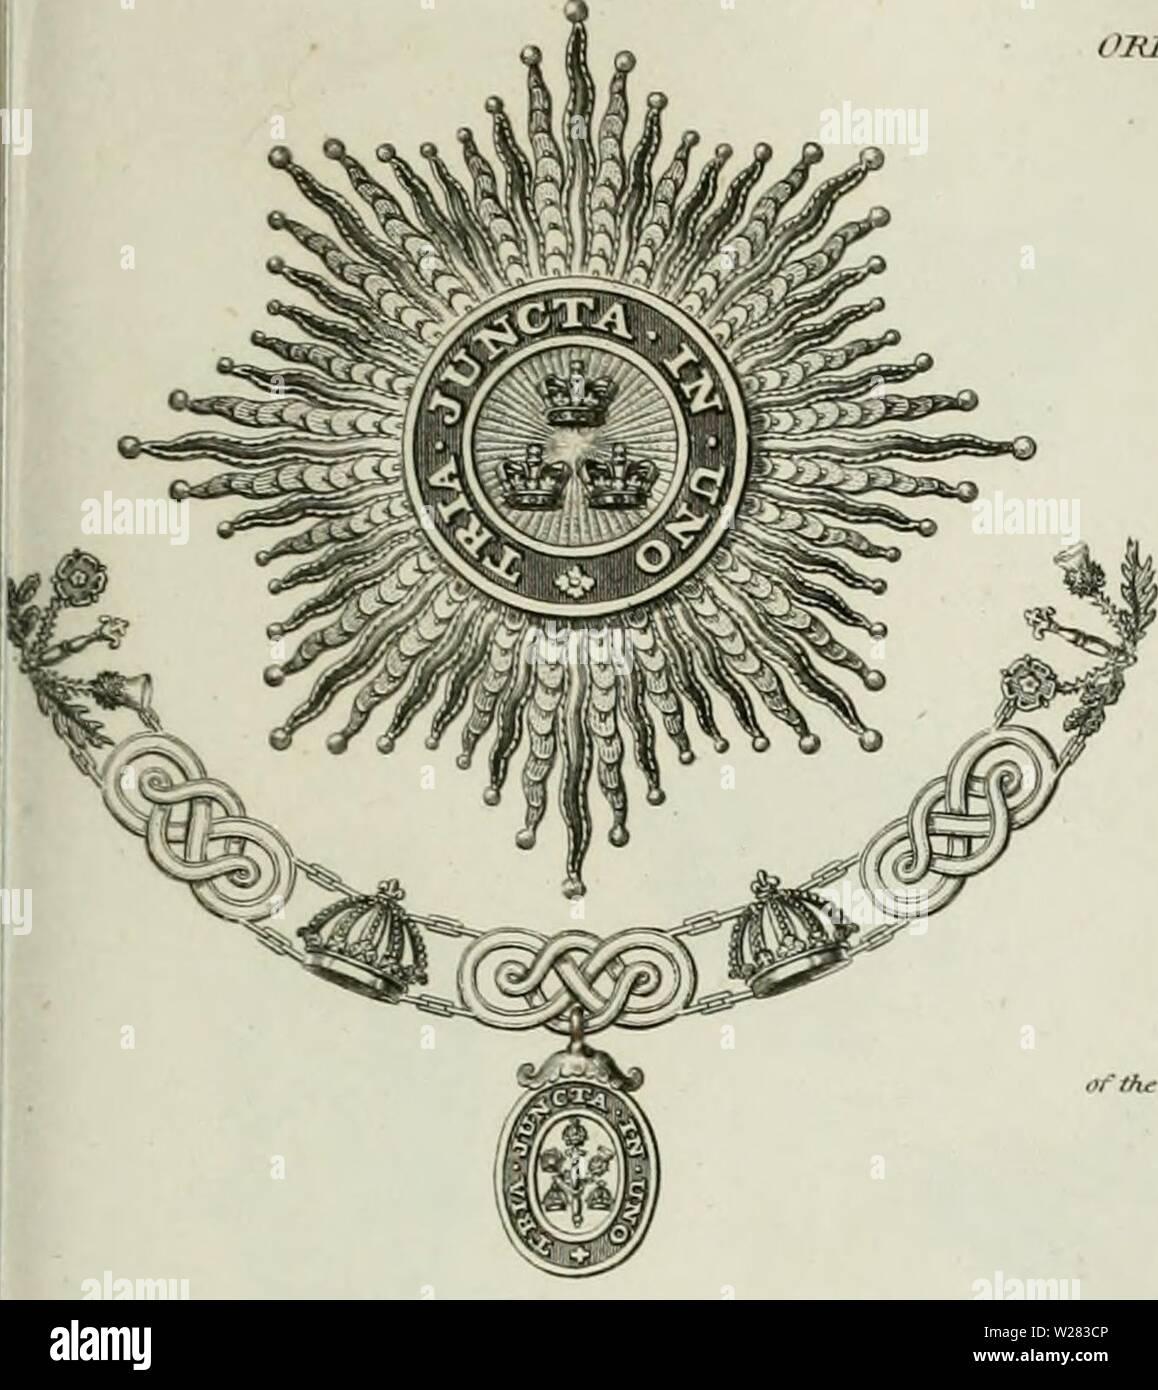 Immagine di archivio da pagina 352 della encyclopaedia - Wikizionario; o, dizionario universale. Il encyclopaedia - Wikizionario; o, dizionario universale delle arti e delle scienze e la letteratura. Piastre cyclopaediaoru02rees Anno: 1820 Stnr OVar-&£annuncio;f o'a tXviliipht Orand Cross 0r'l'OrdtT'>->f il KATH. . • SihhandJ Sade di dfil ihmm.mJer _o££Jaryaiaancv Gt 'ET.Ortirr PSIC. Immagini Stock